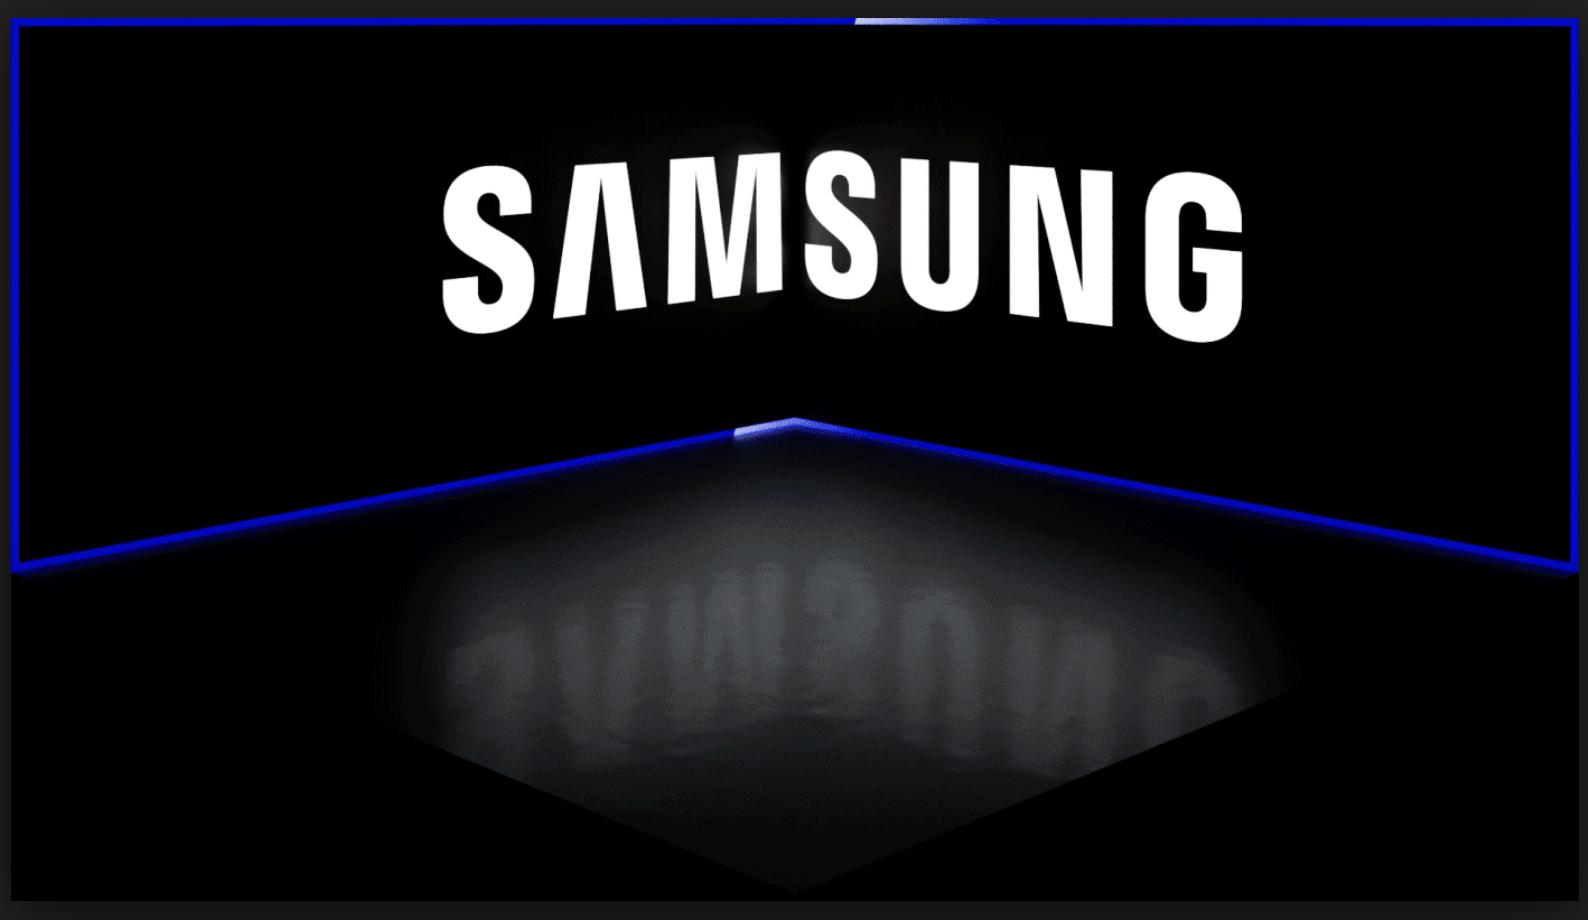 ستقدم شركة Samsung ثلاثة هواتف محمولة Galaxy مع قارئ بصمات الأصابع على الشاشة 1